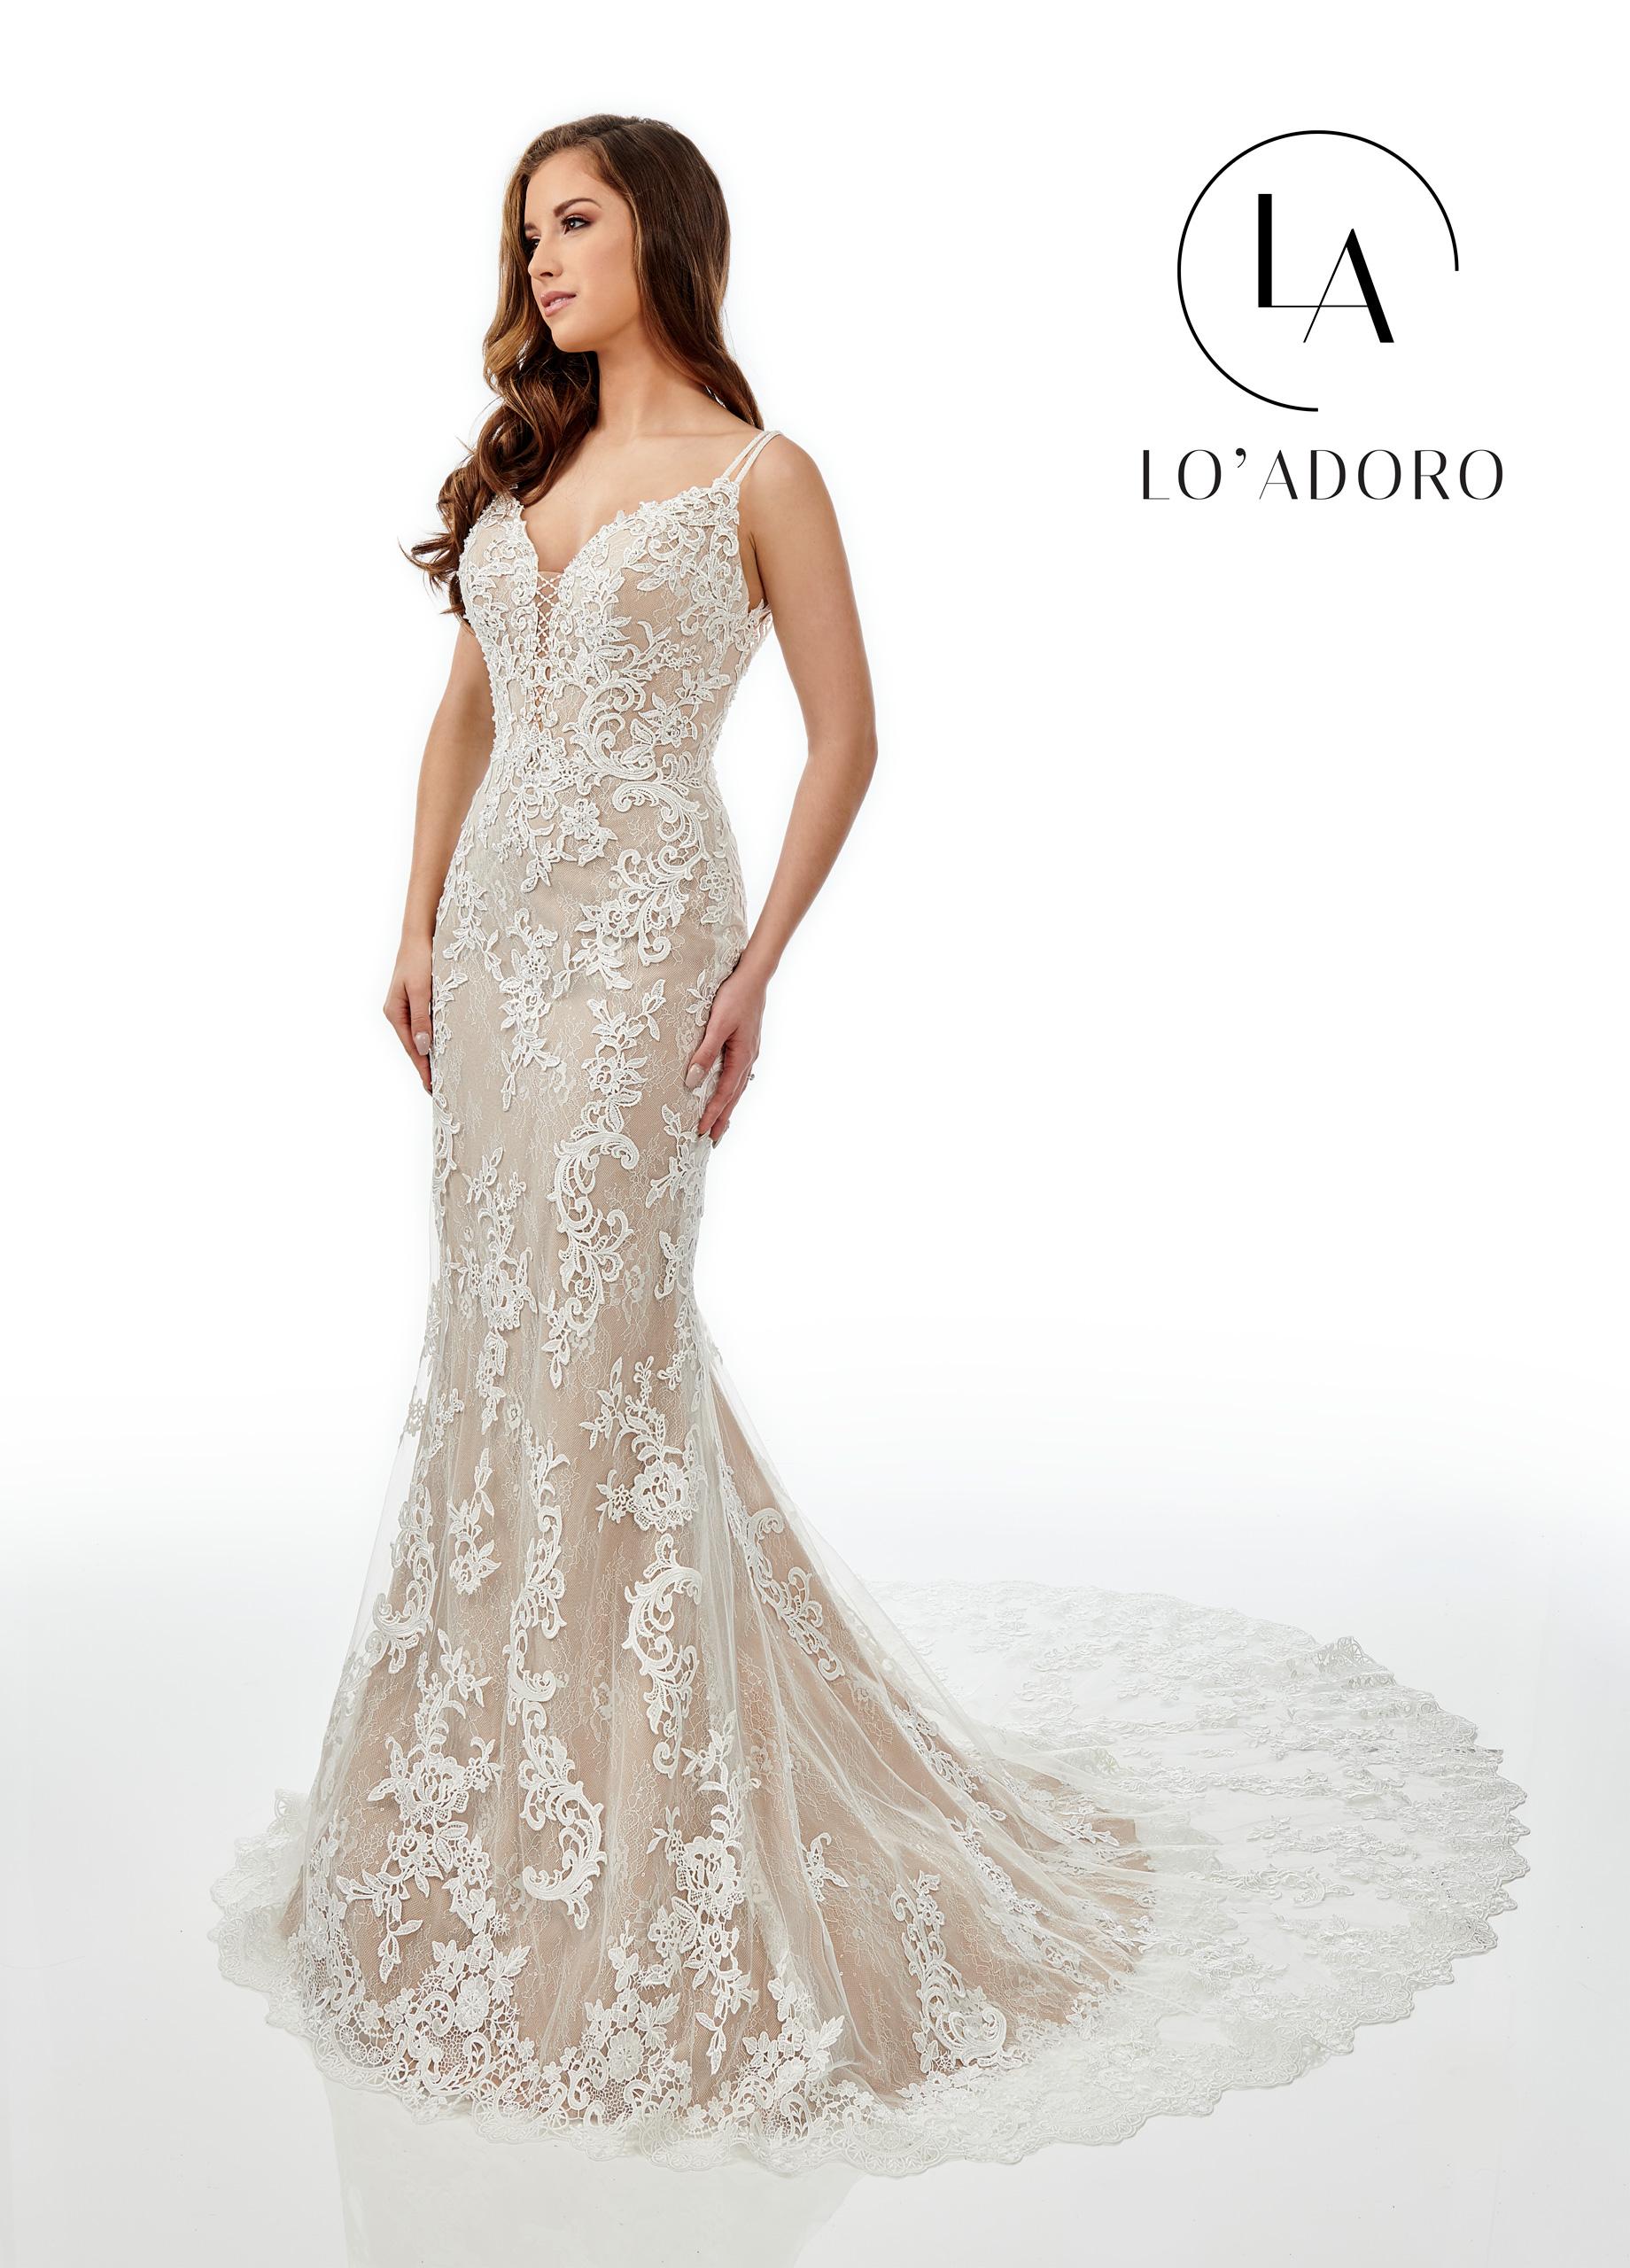 Lo Adoro Bridal Dresses   Lo' Adoro   Style - M755